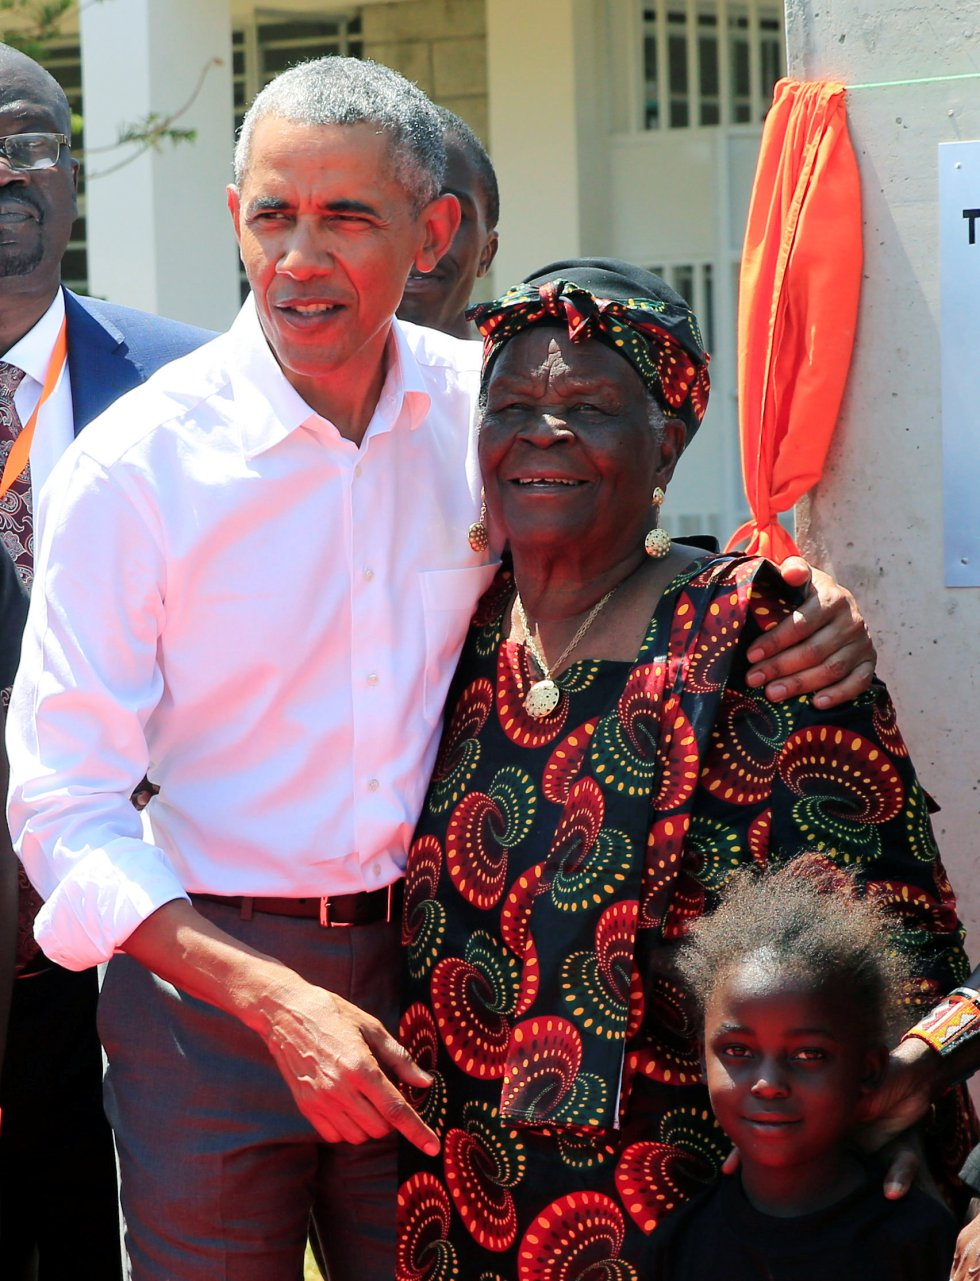 Cuando el presidente Obama, todavía como presidente, visitó Kenia en 2015, no pudo acudir al pueblo de su padre por razones de seguridad. Entonces prometió volver. En la imagen el expresidente abraza a la matriarca de la familia, Sarah Obama.